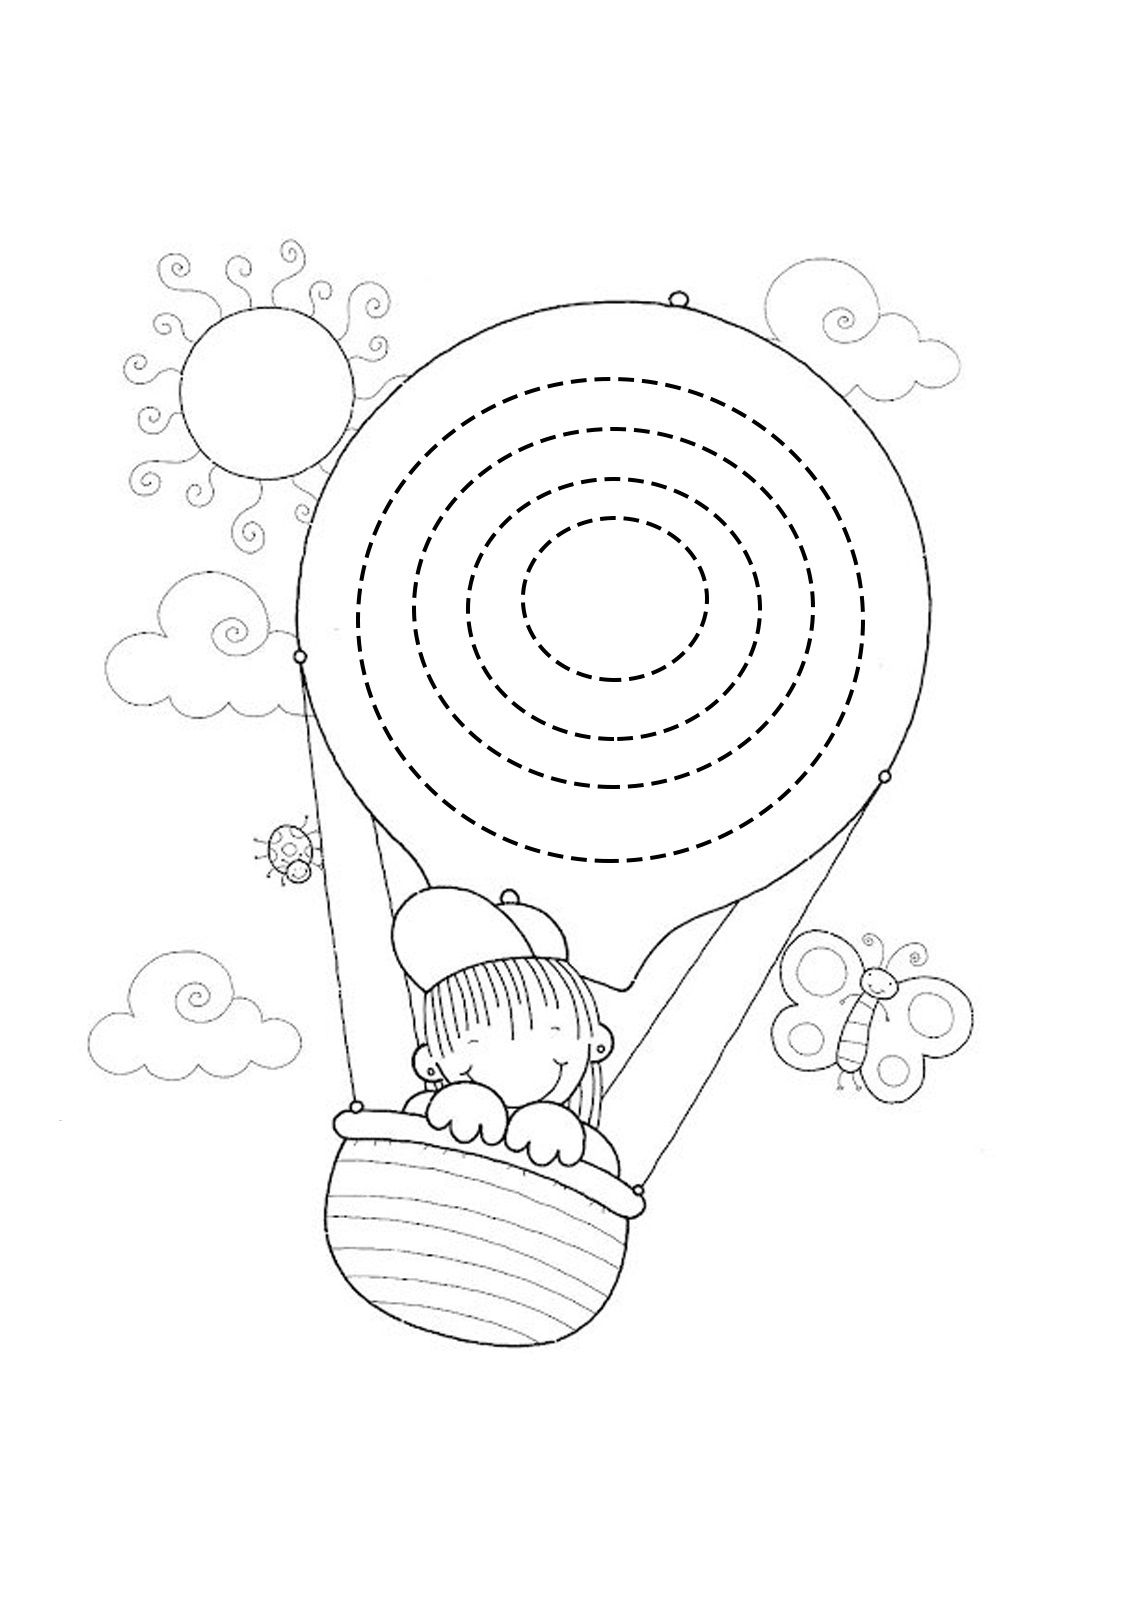 Ucan Balon Cizgi Calismasi Balon Boyama Boyama Sayfalari Sanat